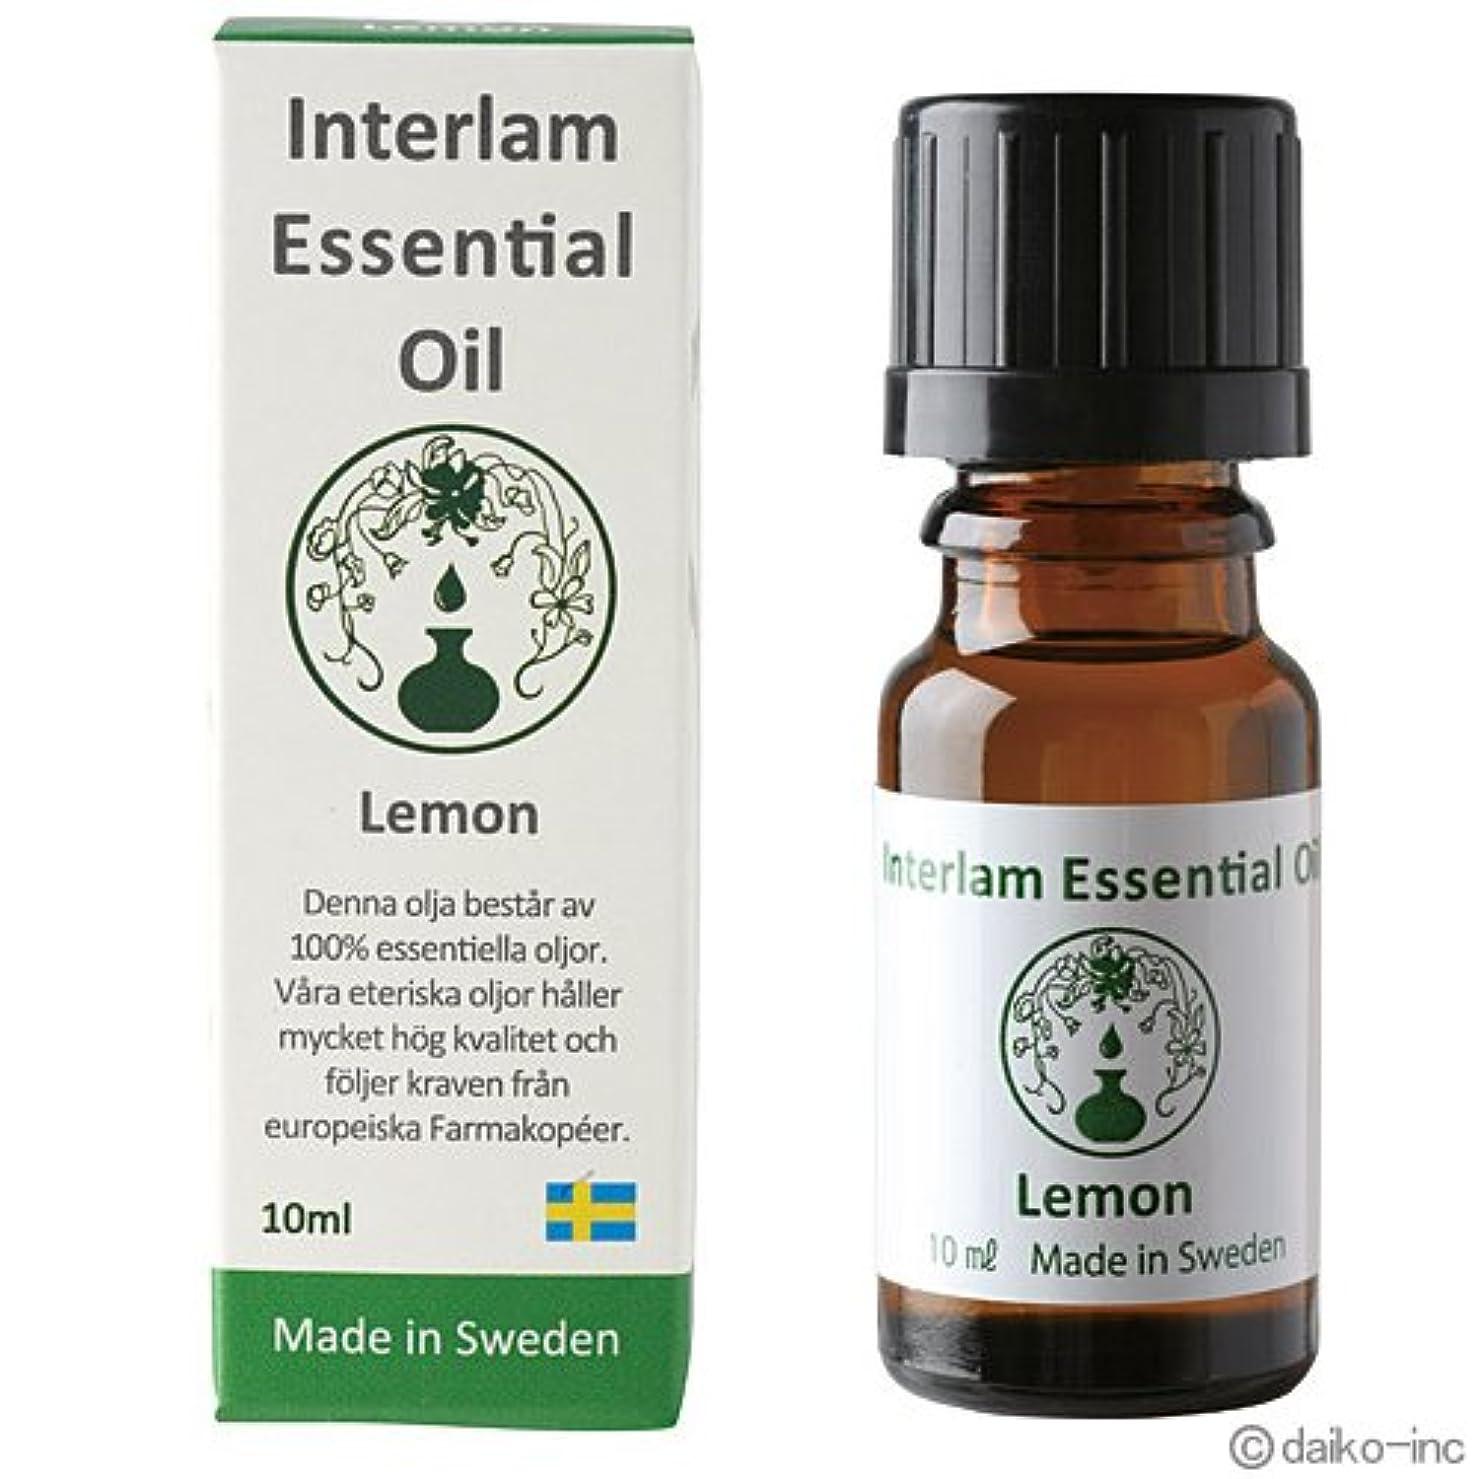 ばかげたアレルギー性軍艦Interlam Essential Oil レモン 10ml